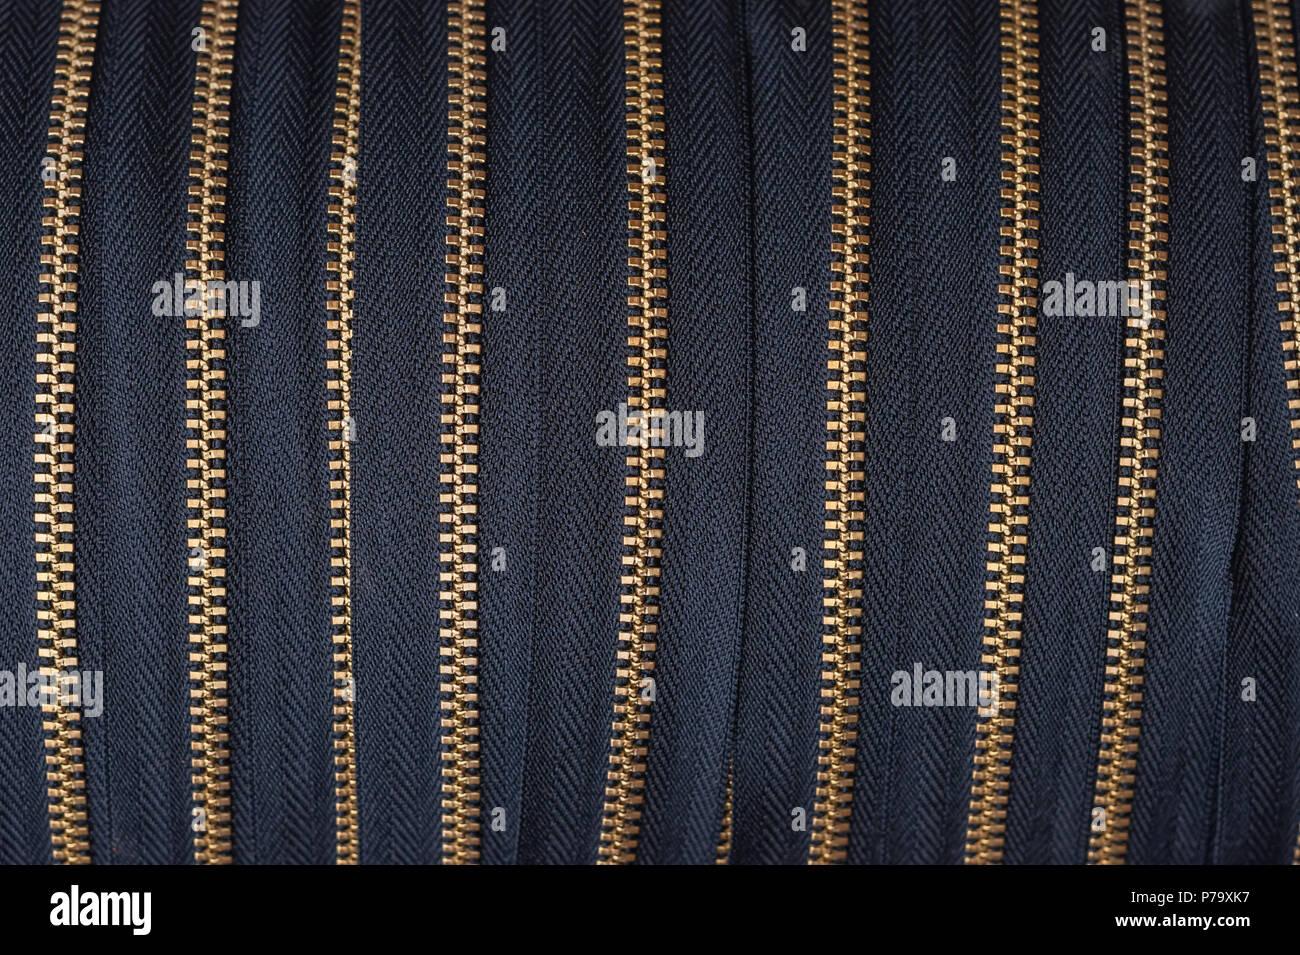 Huge rolls of zippers. - Stock Image